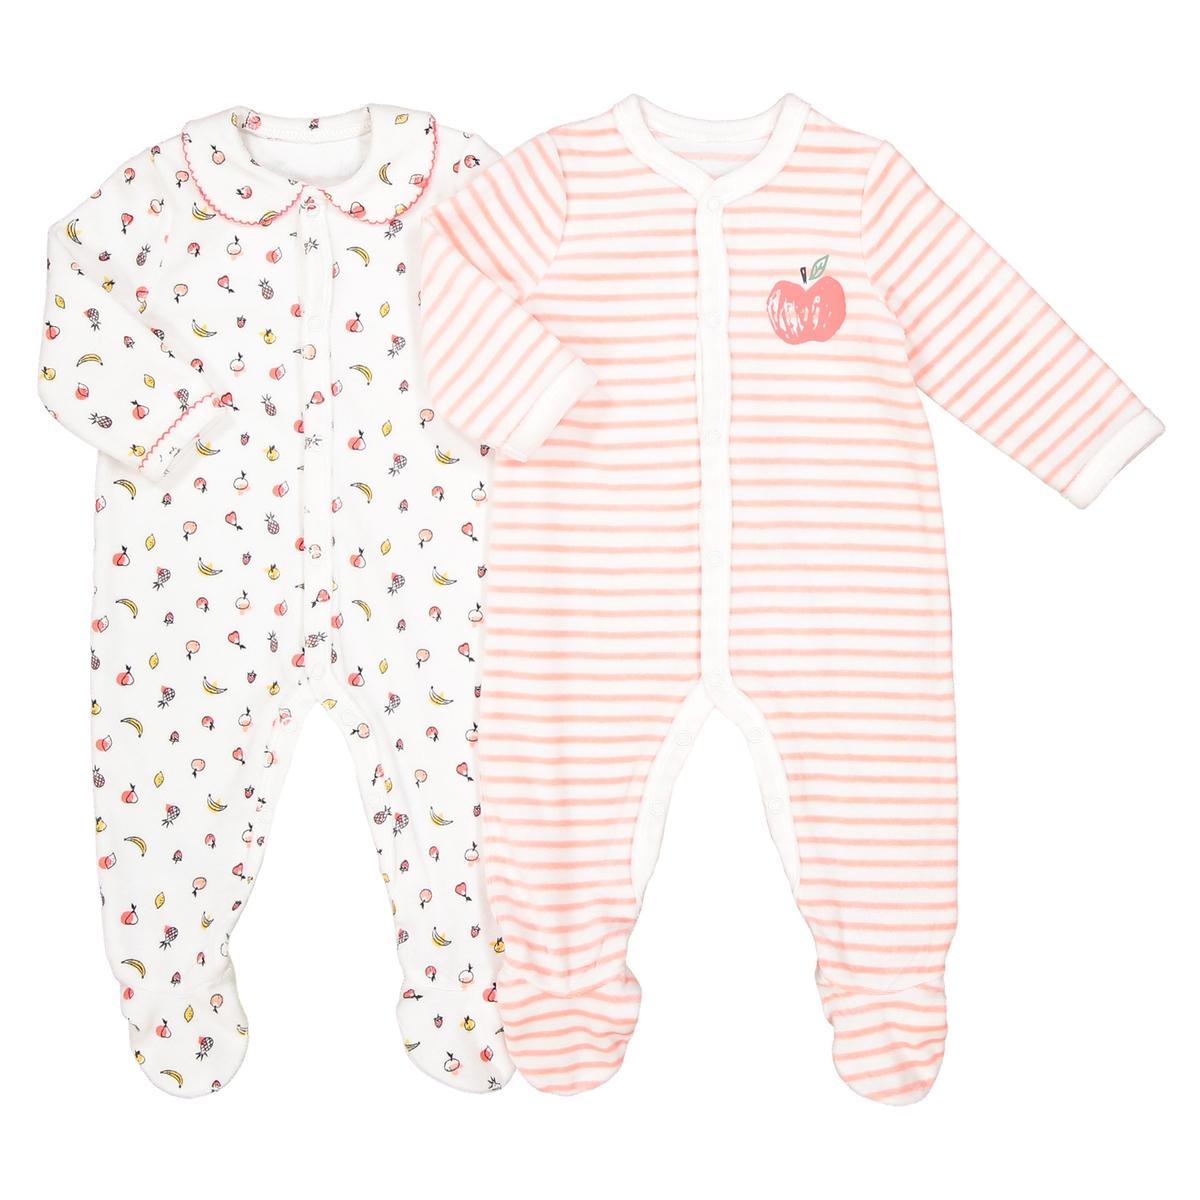 Комплект из 2 пижам из велюра, 0 мес. - 3 годаОписание:2 пижамы из очень мягкого велюра. Застежка спереди : очень удобно для переодевания малыша в первые месяцы жизни. Детали •  2 пижамы : 1 пижама с мелким рисунком + 1 пижама в полоску с рисунком Яблоко. •  Длинные рукава. •  Круглый вырез. •  Носки с противоскользящими элементами для размеров от 12 месяцев  (74 см).Состав и уход •  Материал : 75% хлопка, 25% полиэстера. •  Стирать при температуре 30° на деликатном режиме с вещами схожих цветов. •  Стирать и гладить с изнанки при низкой температуре. •  Деликатная сушка в машинке.Товарный знак Oeko-Tex® . Знак Oeko-Tex® гарантирует, что товары прошли проверку и были изготовлены без применения вредных для здоровья человека веществ.<br><br>Цвет: оранжевый + экрю<br>Размер: 18 мес. - 81 см.1 год - 74 см.2 года - 86 см.6 мес. - 67 см.3 мес. - 60 см.0 мес. - 50 см.1 мес. - 54 см.9 мес. - 71 см.рожденные раньше срока